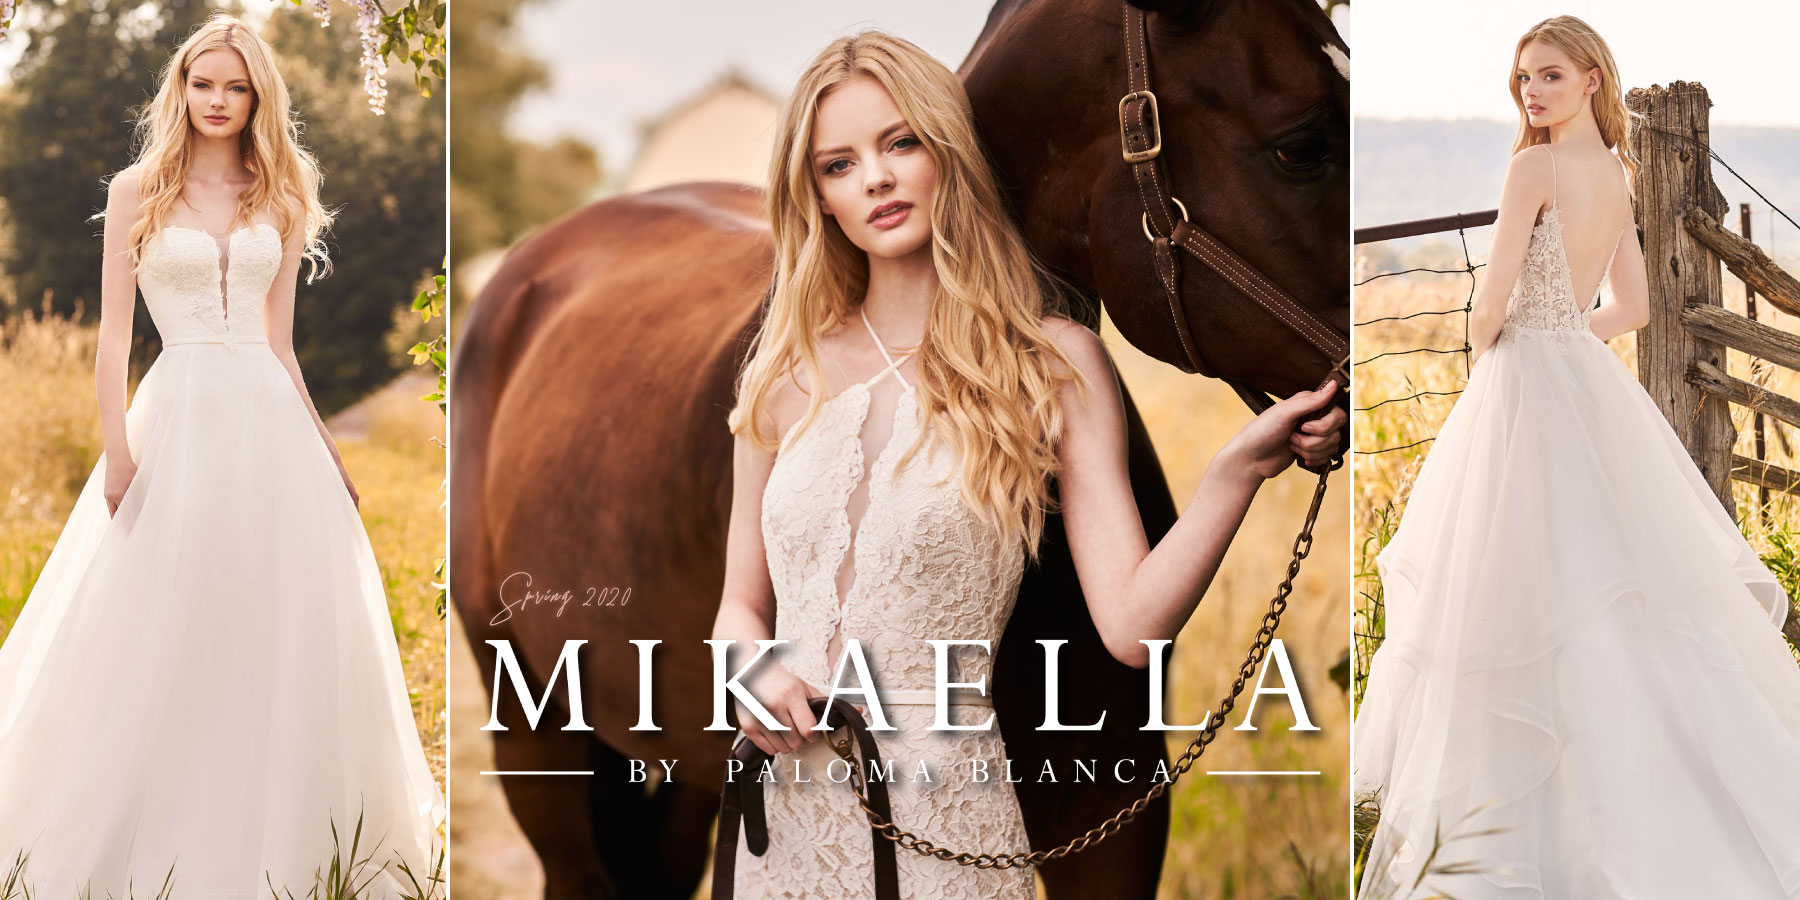 Mikaella